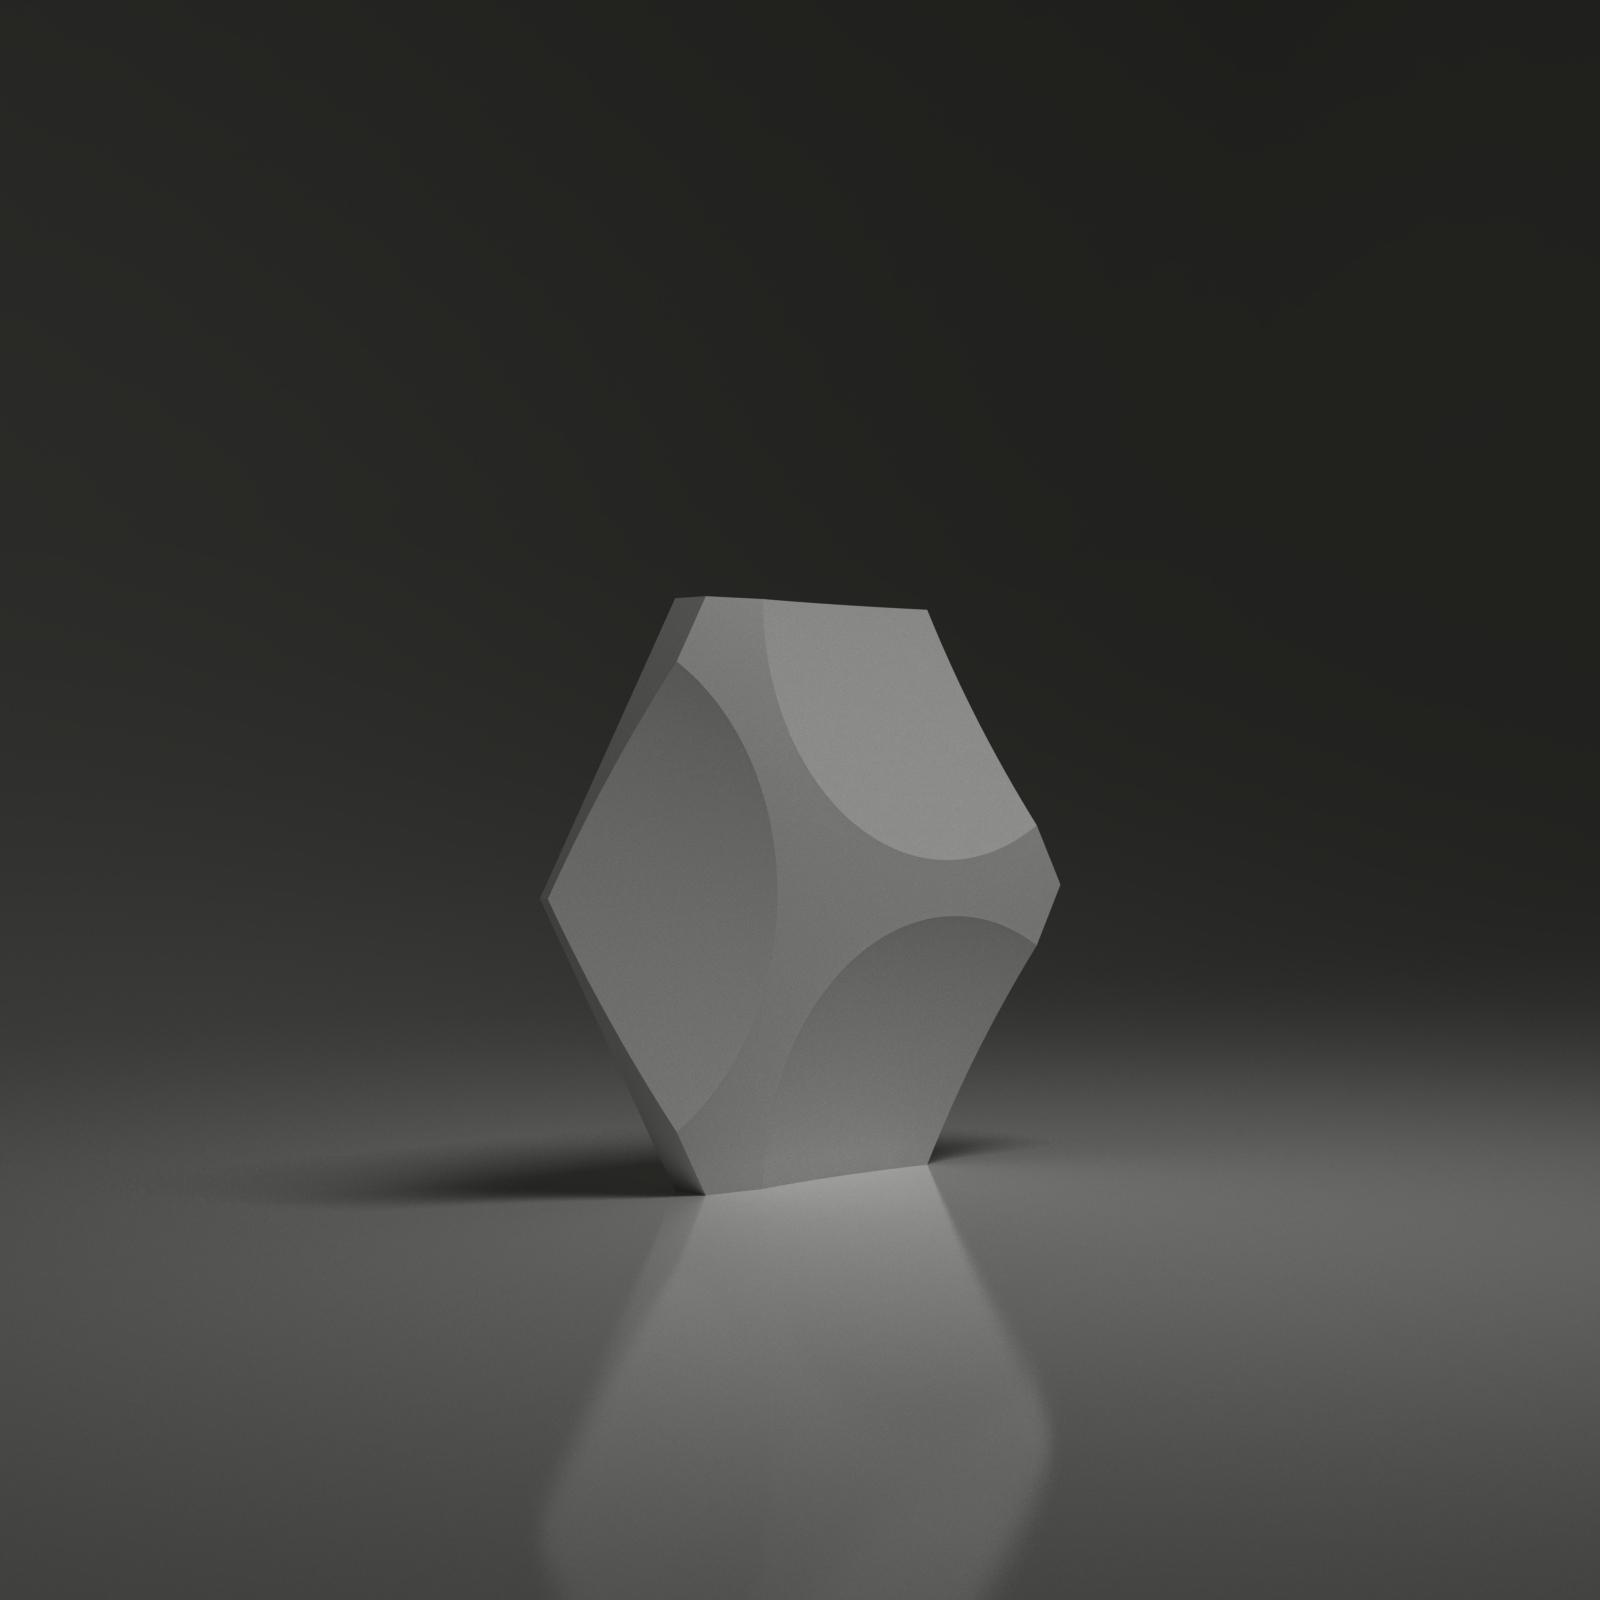 hexagon-wheels-wizu